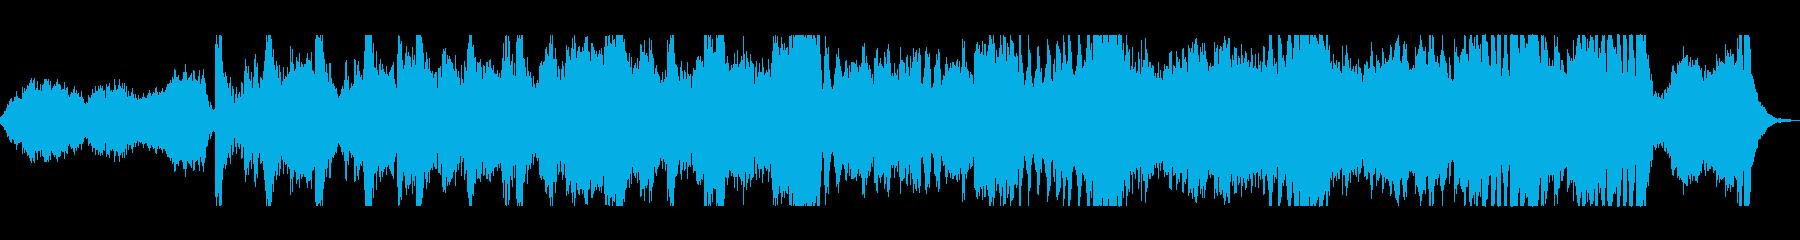 オープニングに最適なオーケストラ曲の再生済みの波形